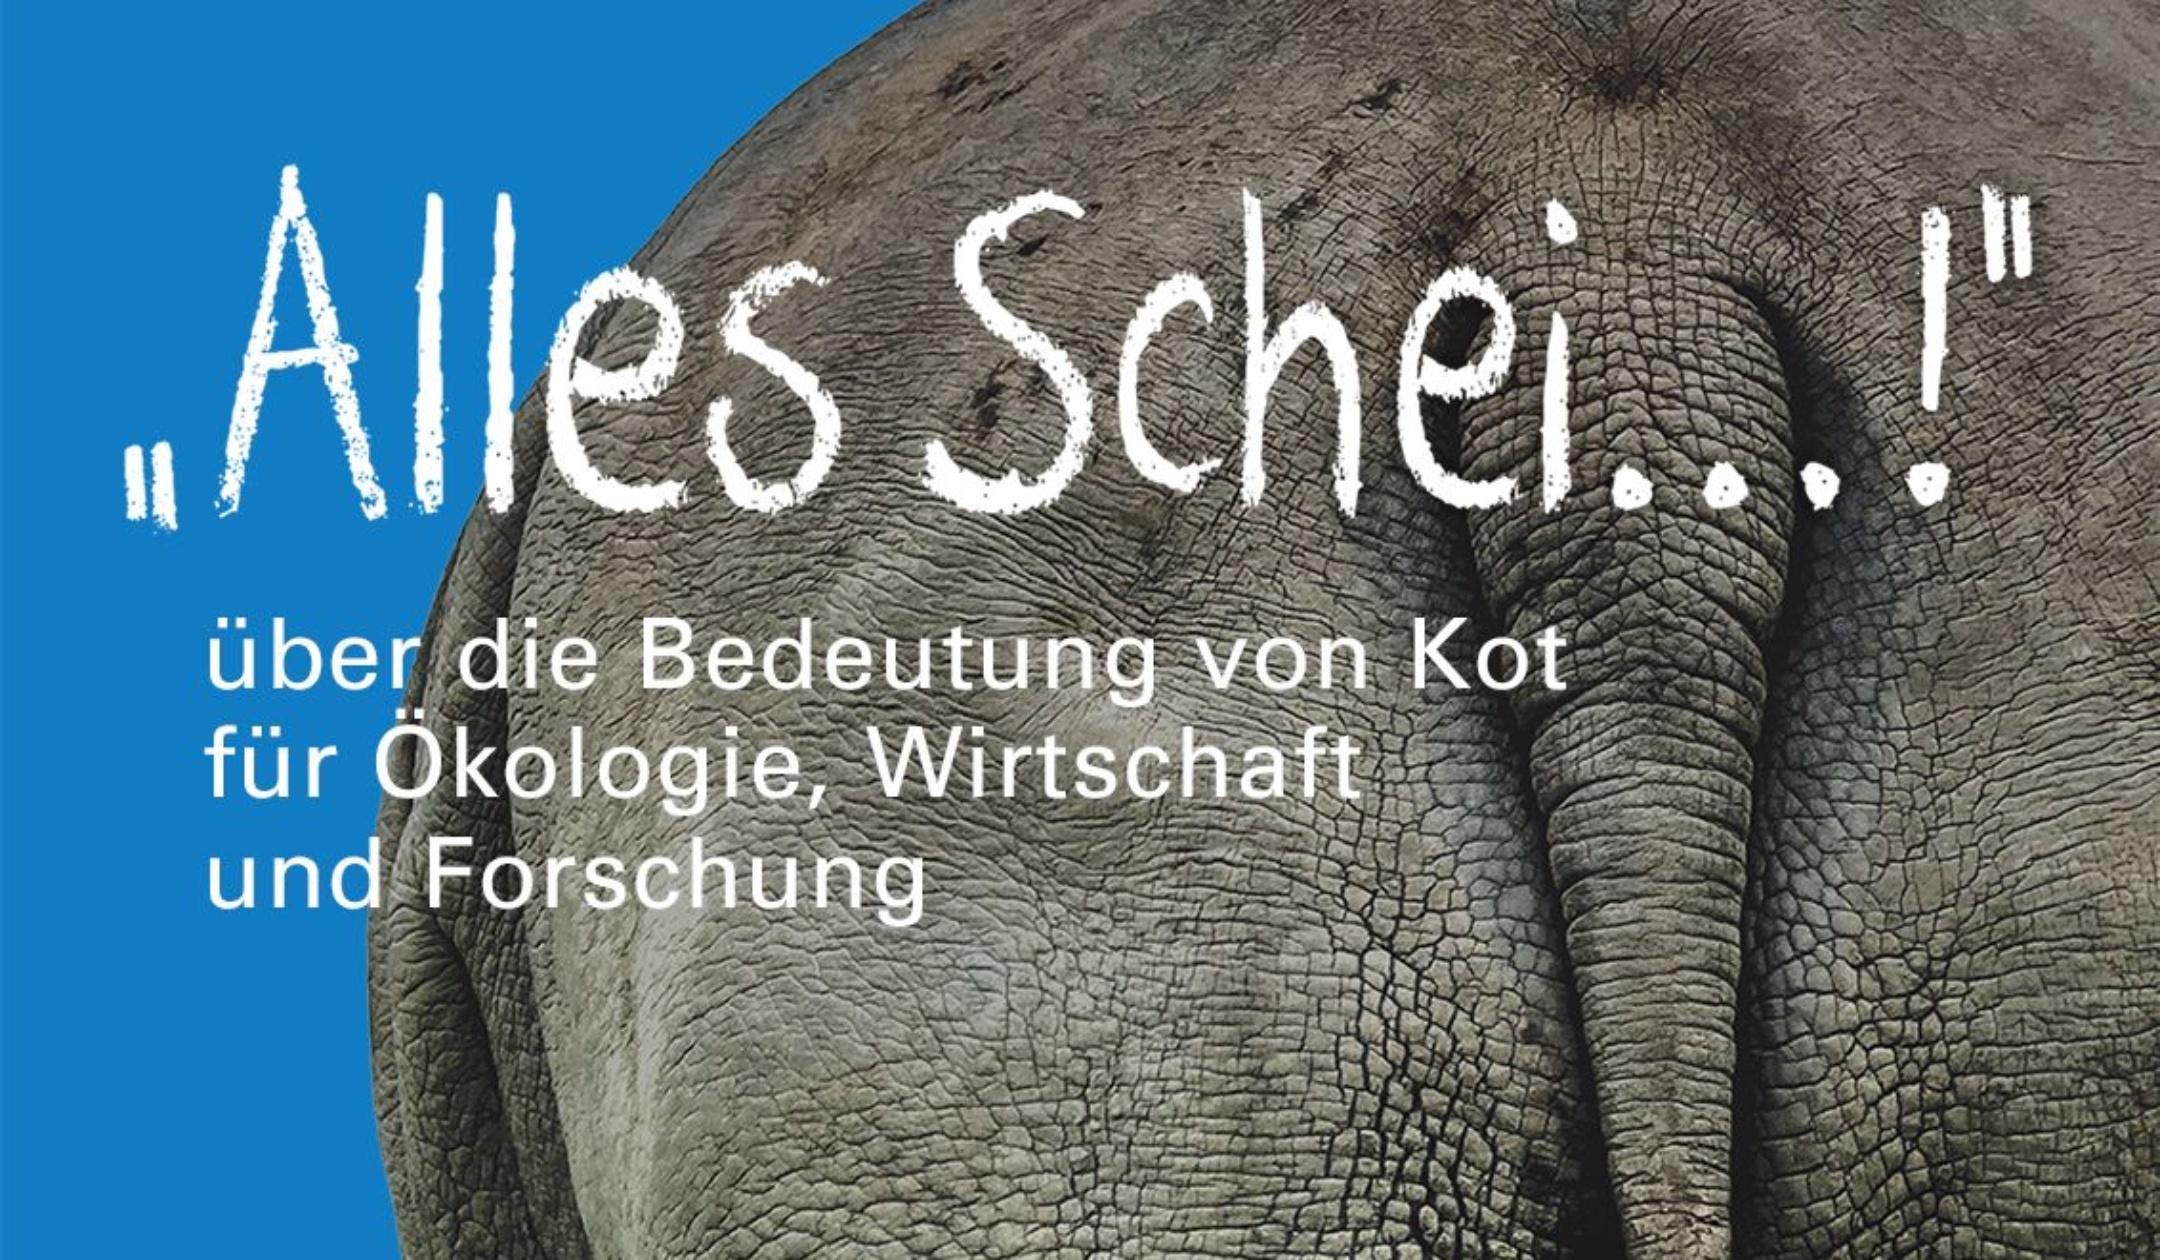 Titelbanner Sonderausstellung Alles Scheiße Görlitz 2019